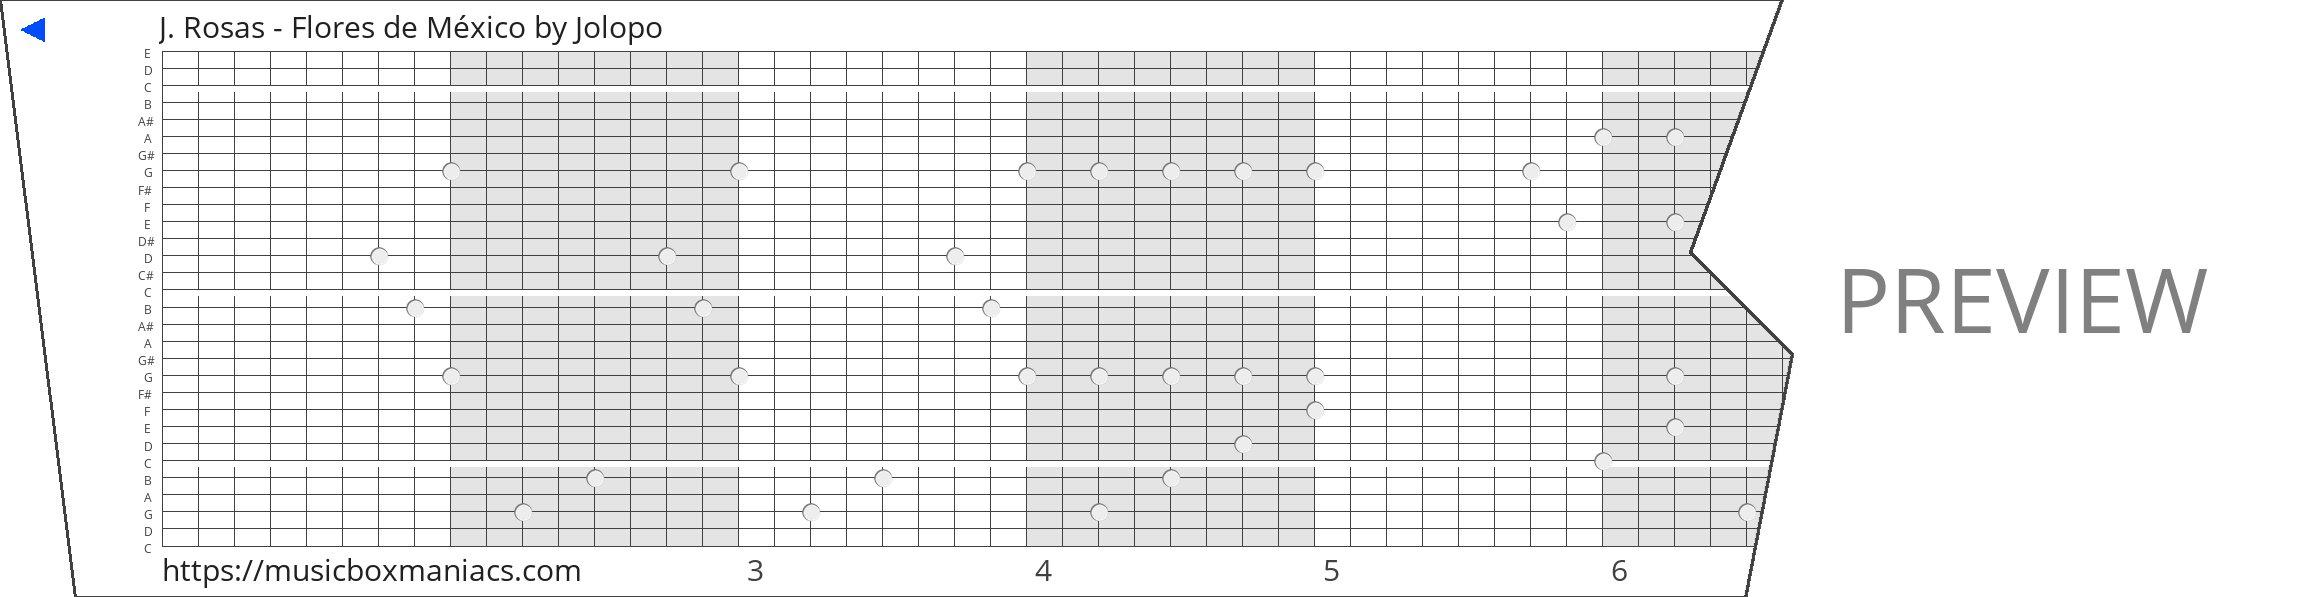 J. Rosas - Flores de México 30 note music box paper strip